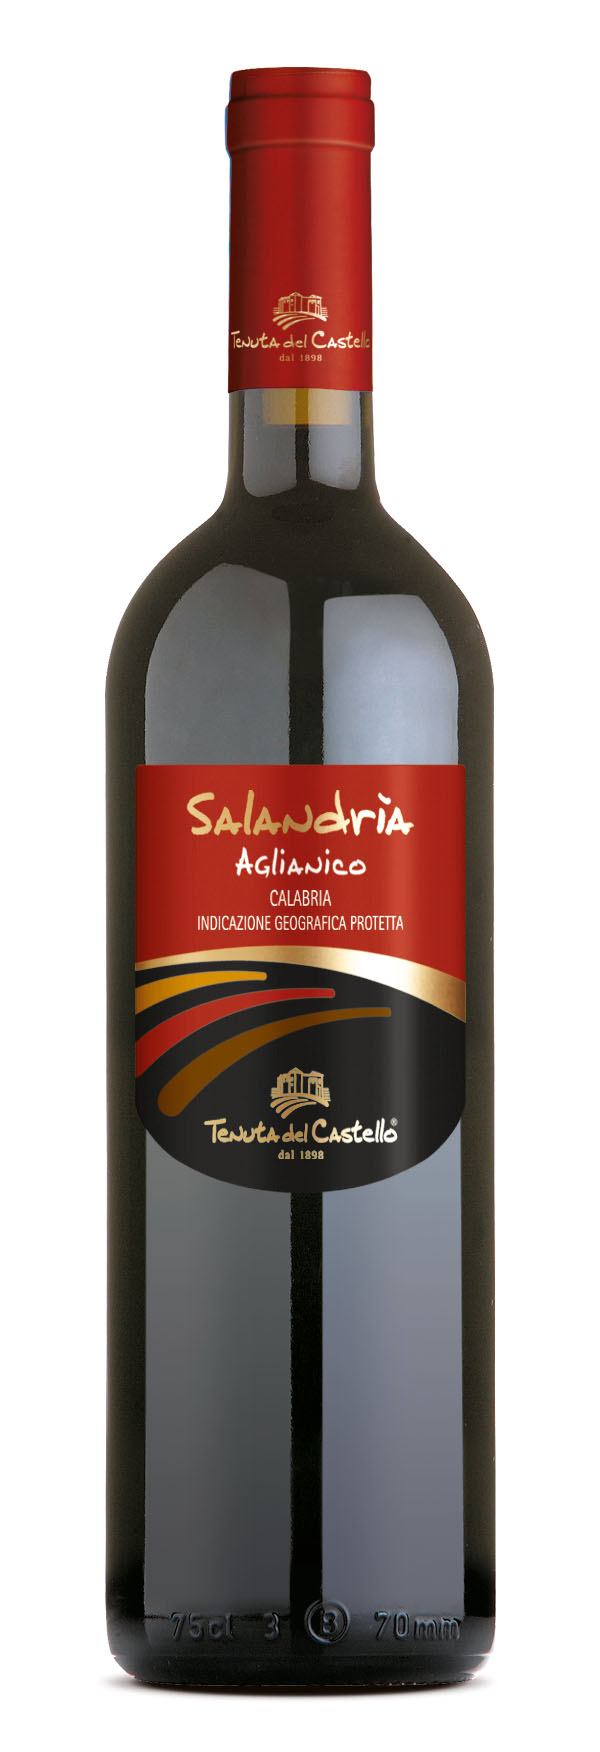 Salandria